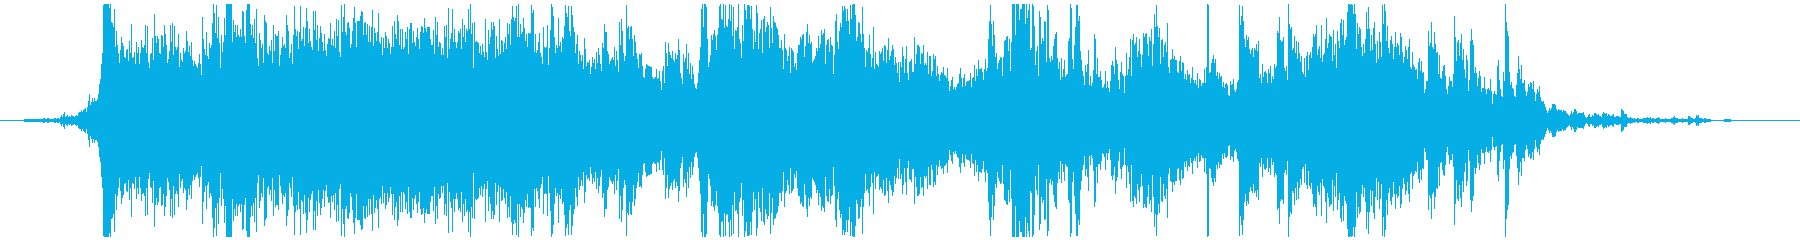 メタル ラウドミディアム02の再生済みの波形